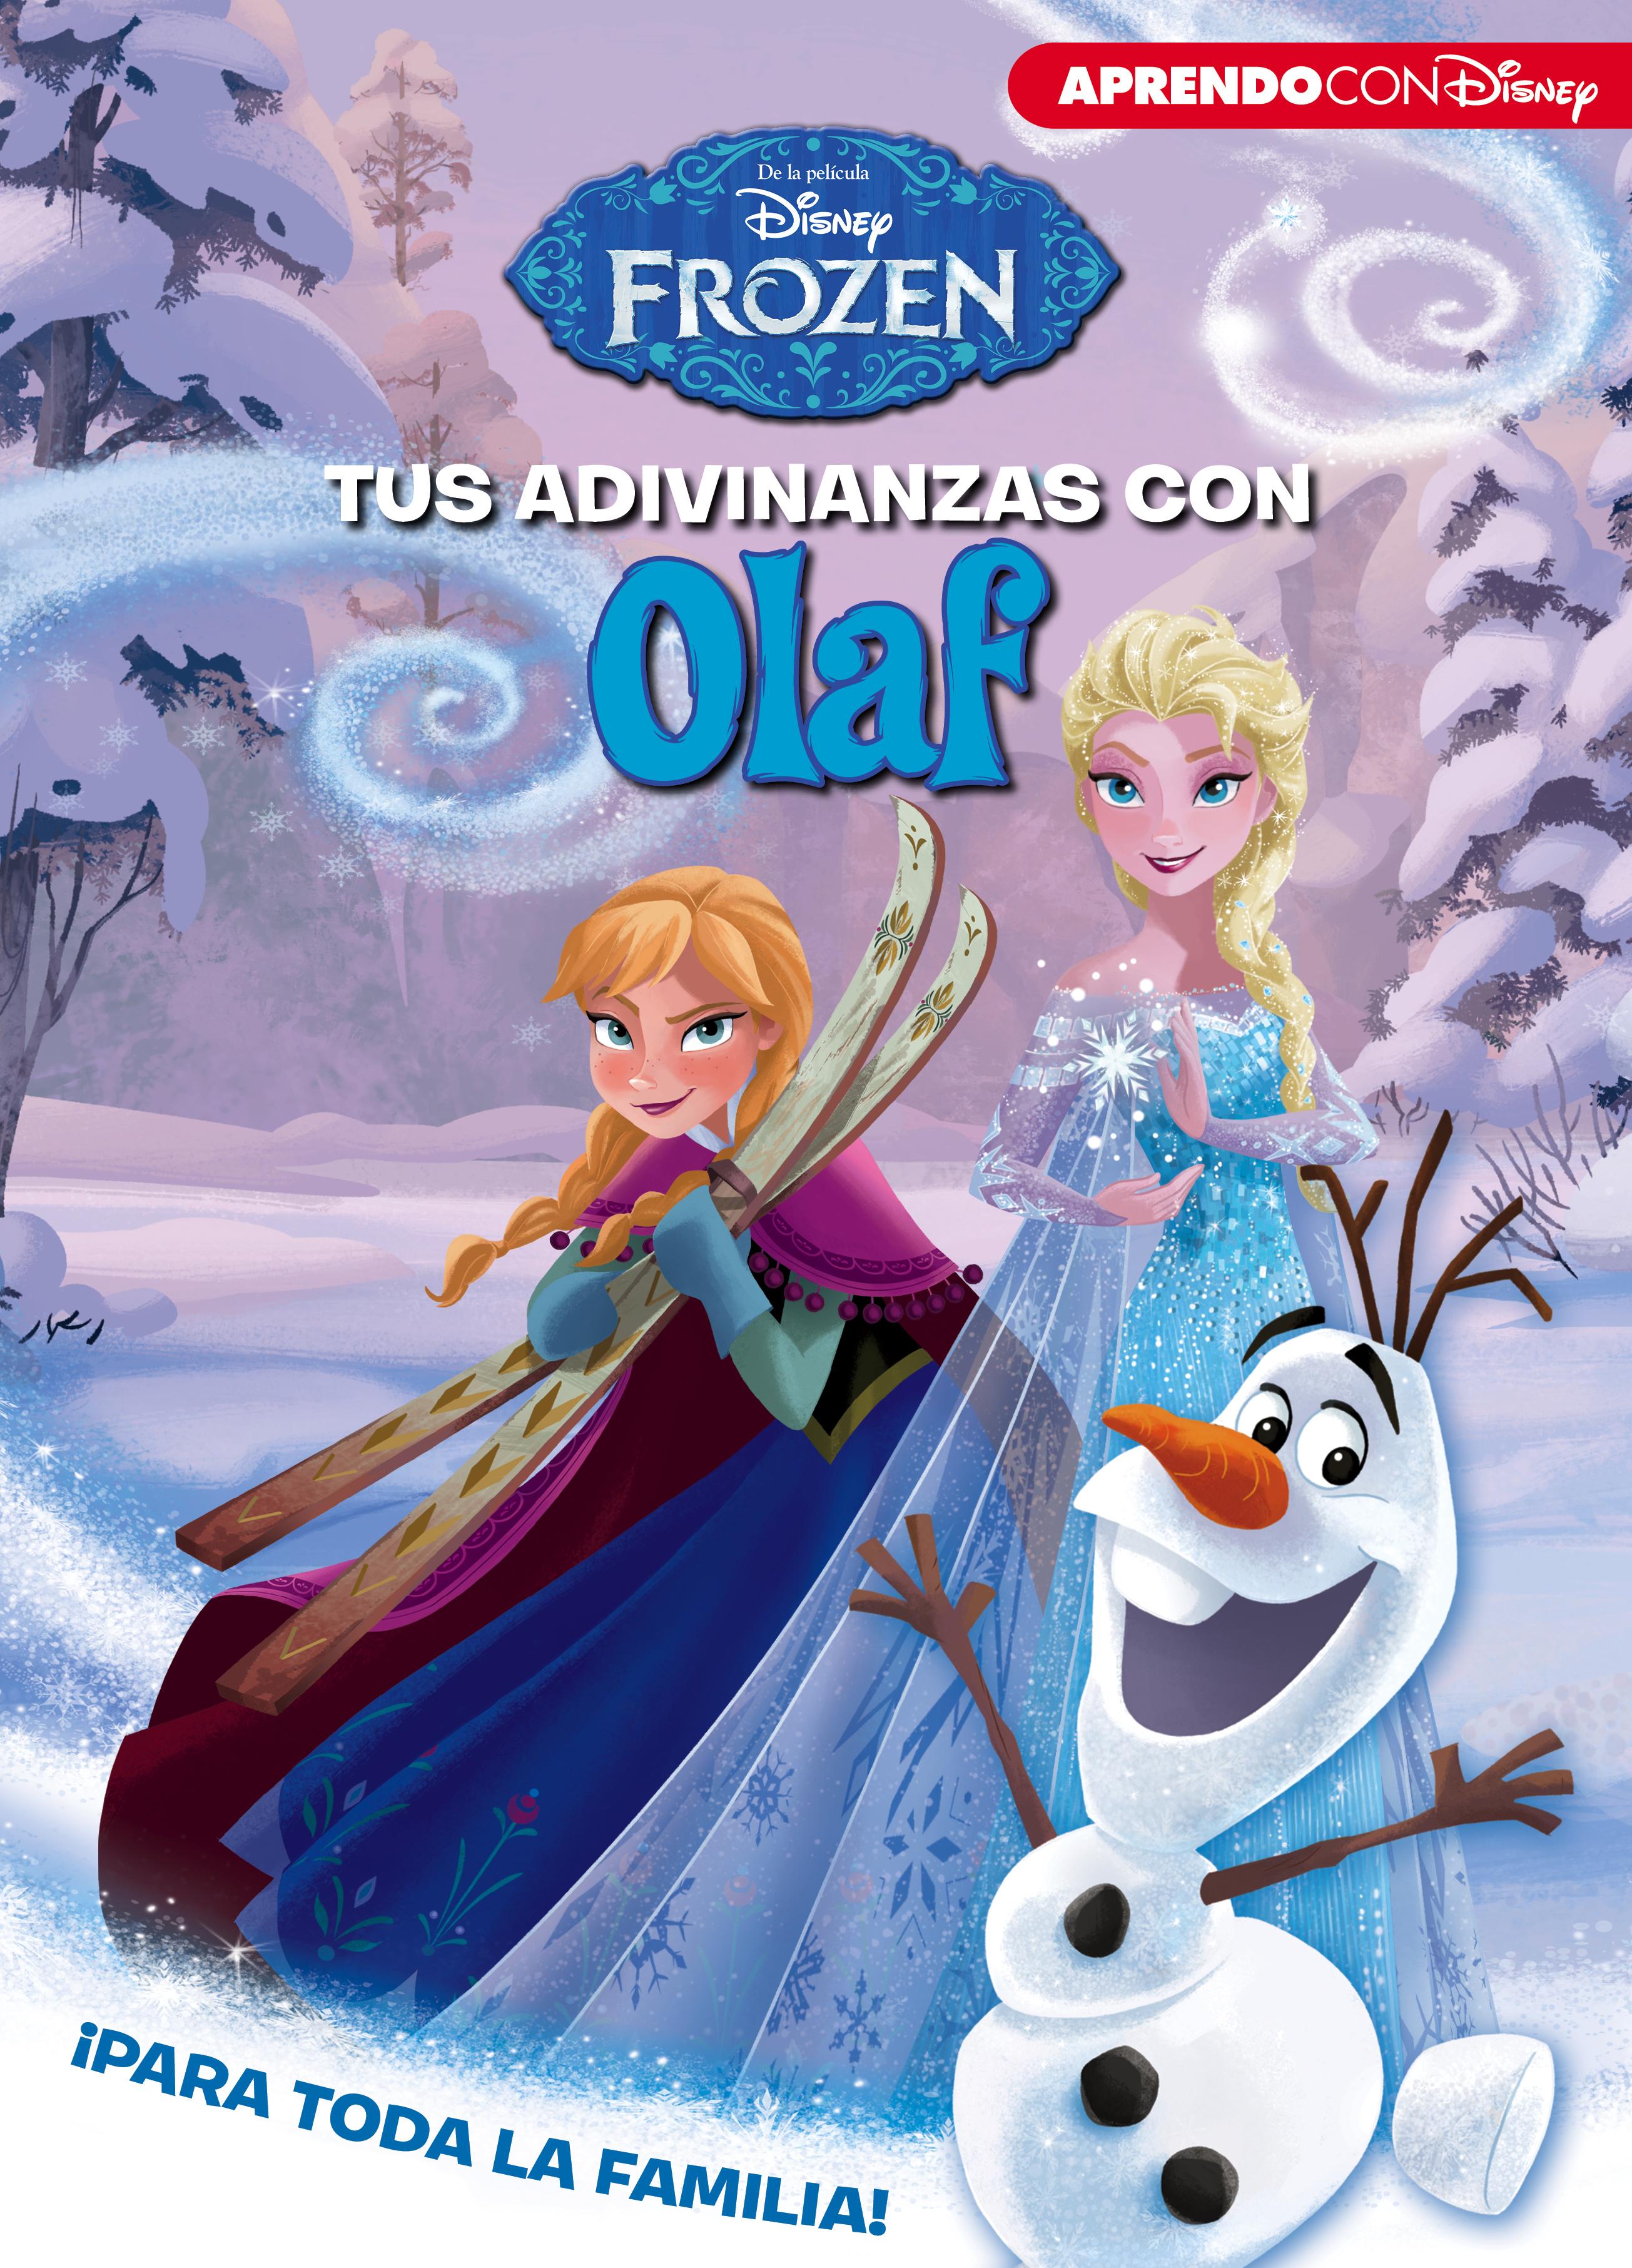 Portada de Tus adivinanzas con Olaf de Disney